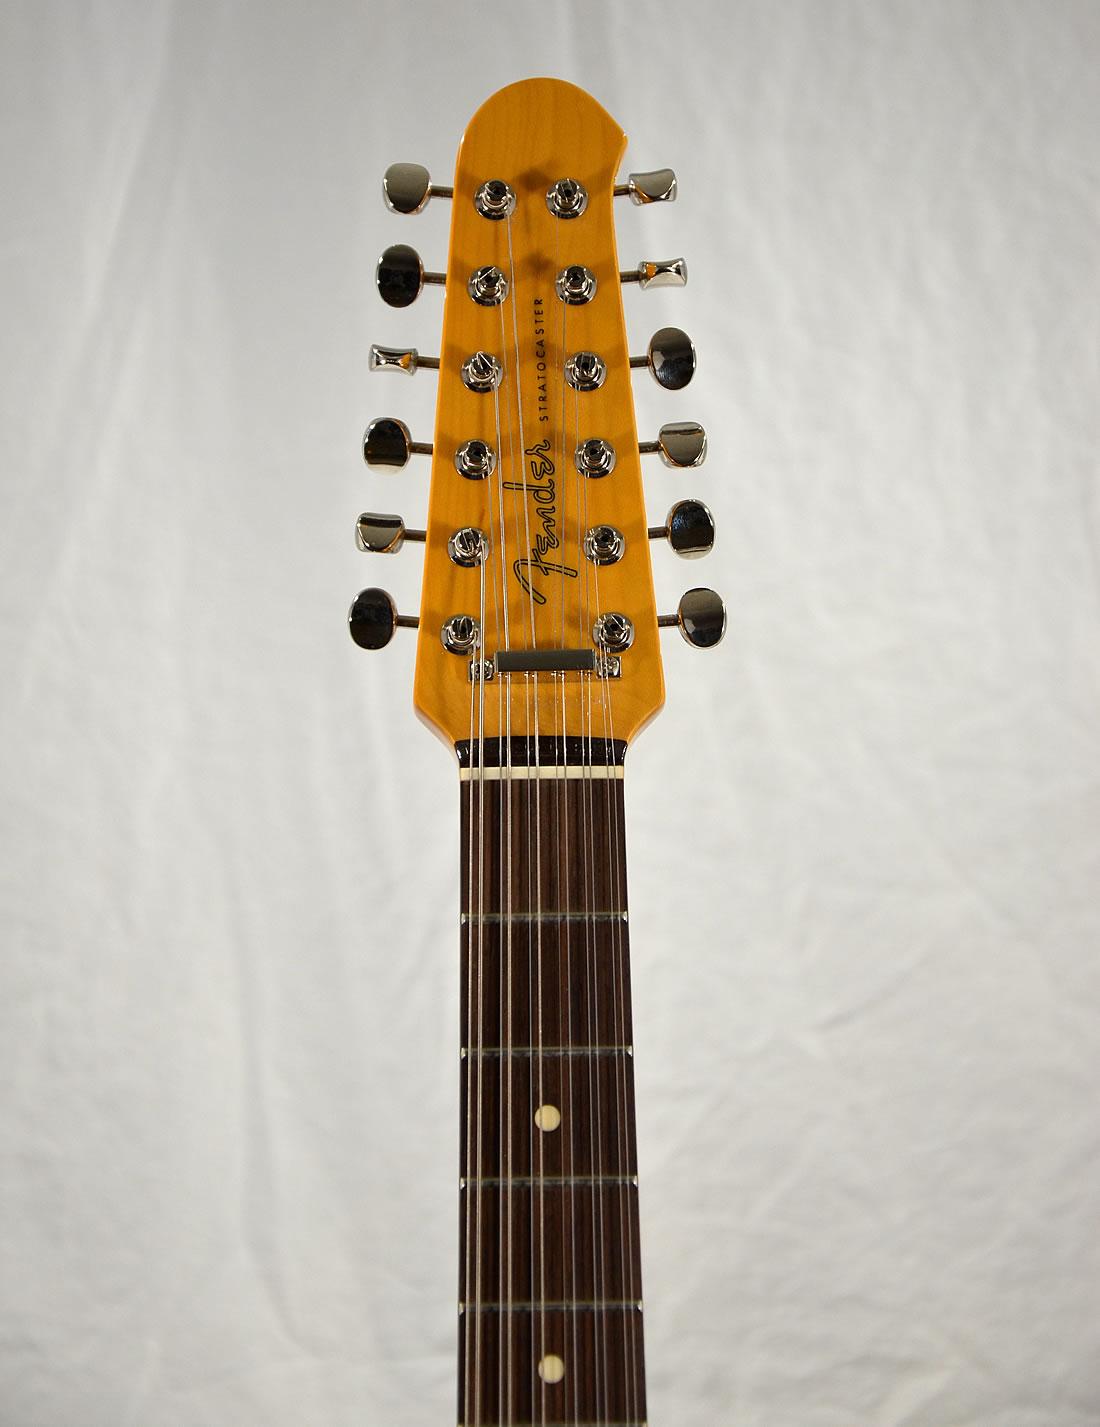 fender stratocaster 12 string vintage guitars and amps. Black Bedroom Furniture Sets. Home Design Ideas